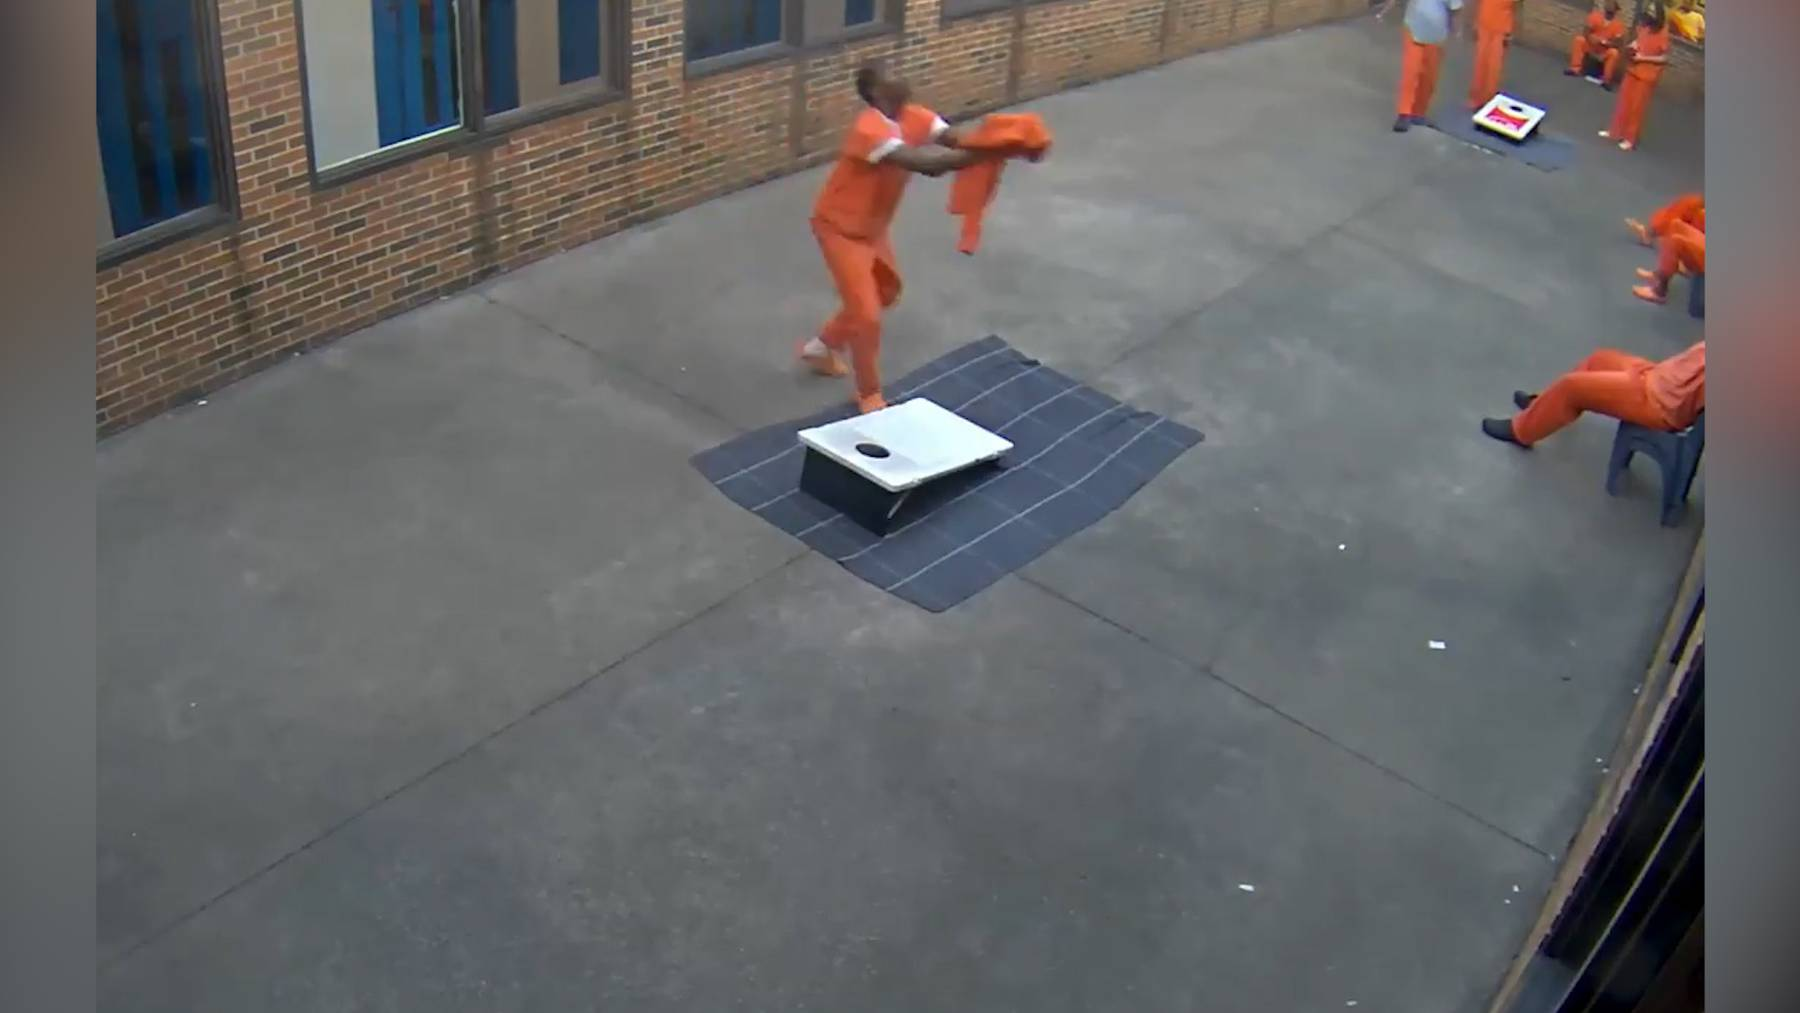 Drohne liefert Drogen-Paket ins Gefängnis